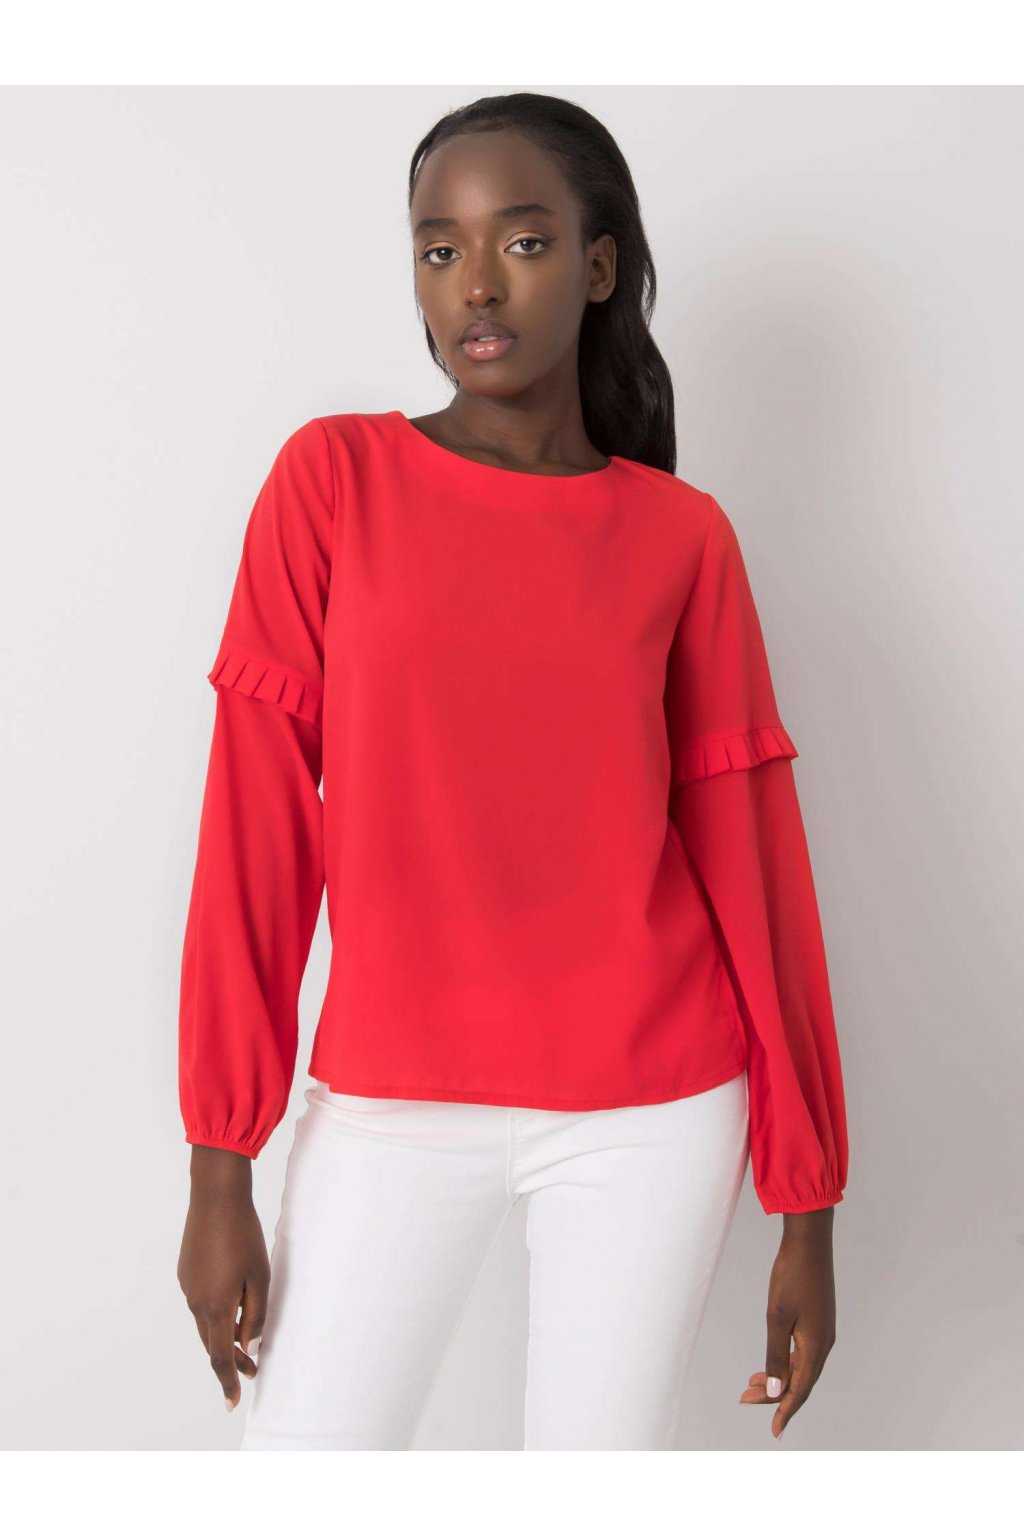 pol pl Czerwona bluzka z okraglym dekoltem Makenna 368461 1